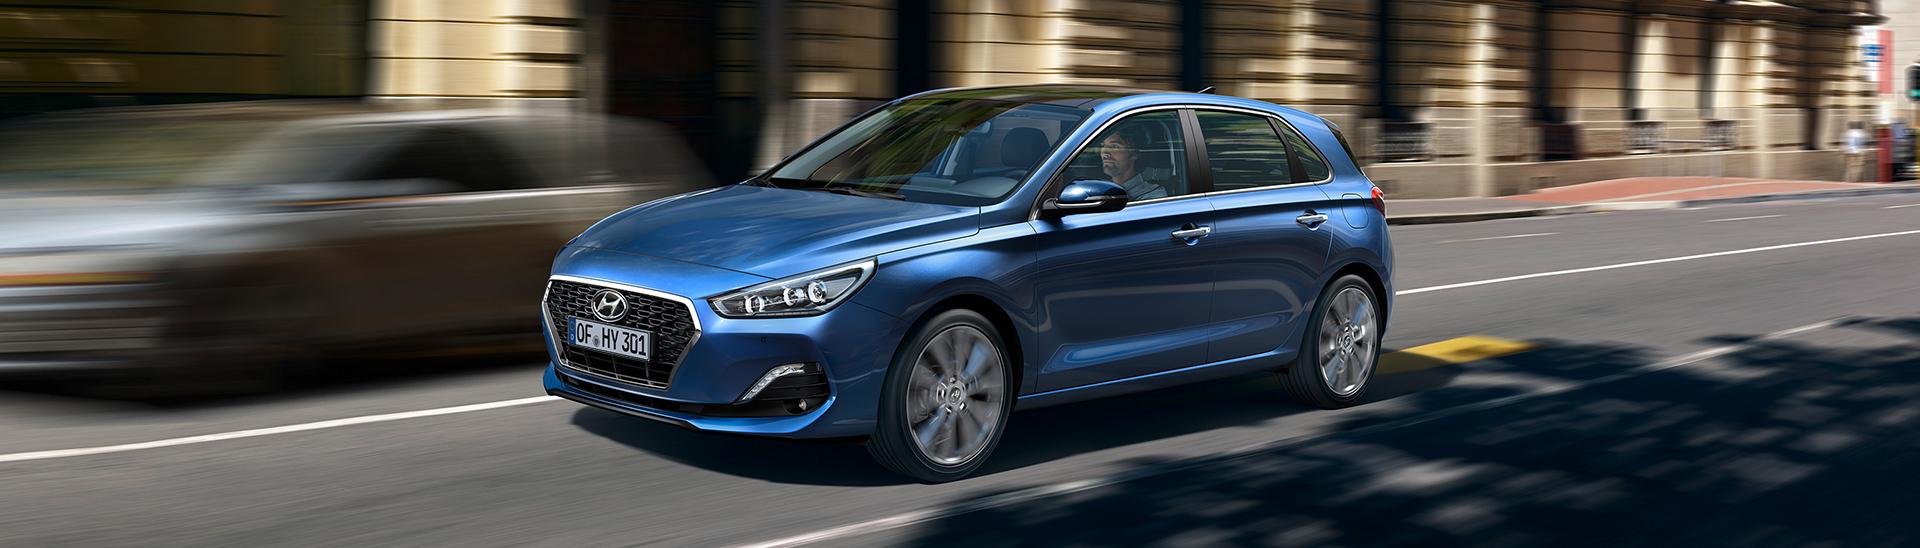 Hyundai i30 dinamika